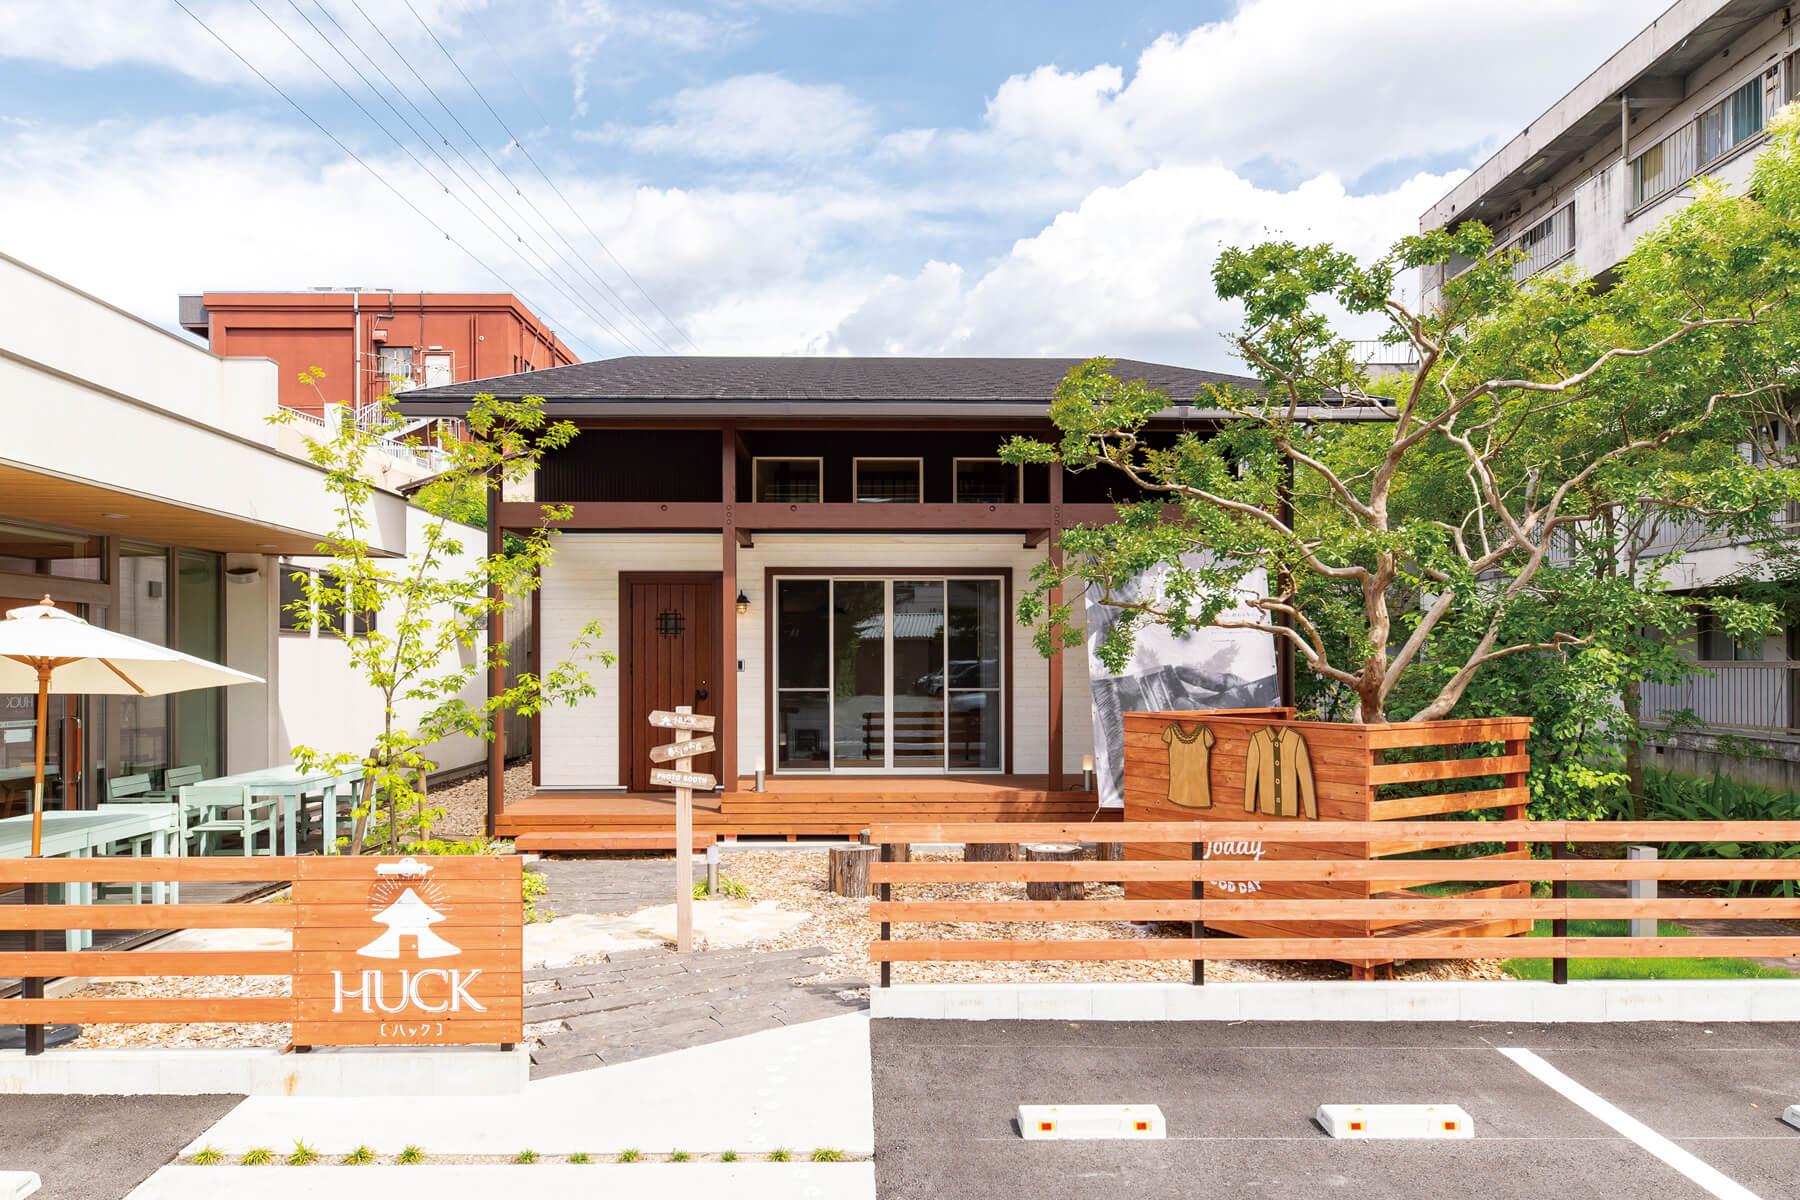 施工事例|安水建設|愛知県安城市を中心に三河エリアの木造注文住宅・リフォームHUCKモデルハウス